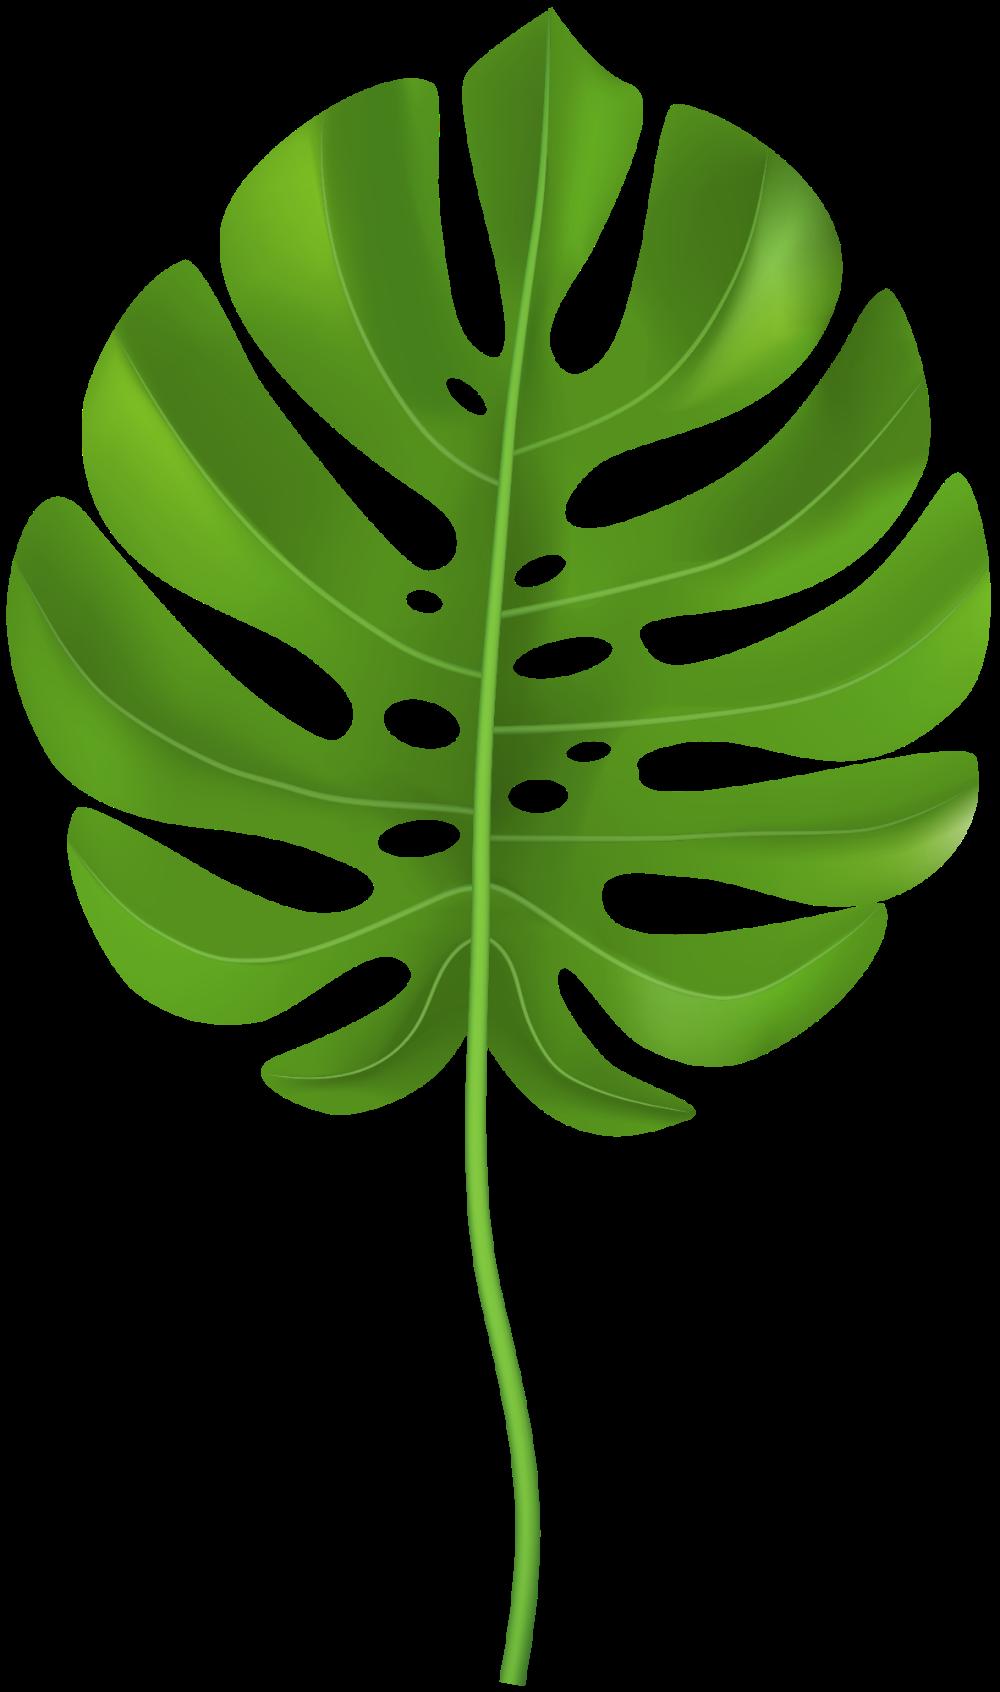 Tropical Leaves Clipart 212 Bunga Cat Air Seni Dinding Lukisan Kaktus